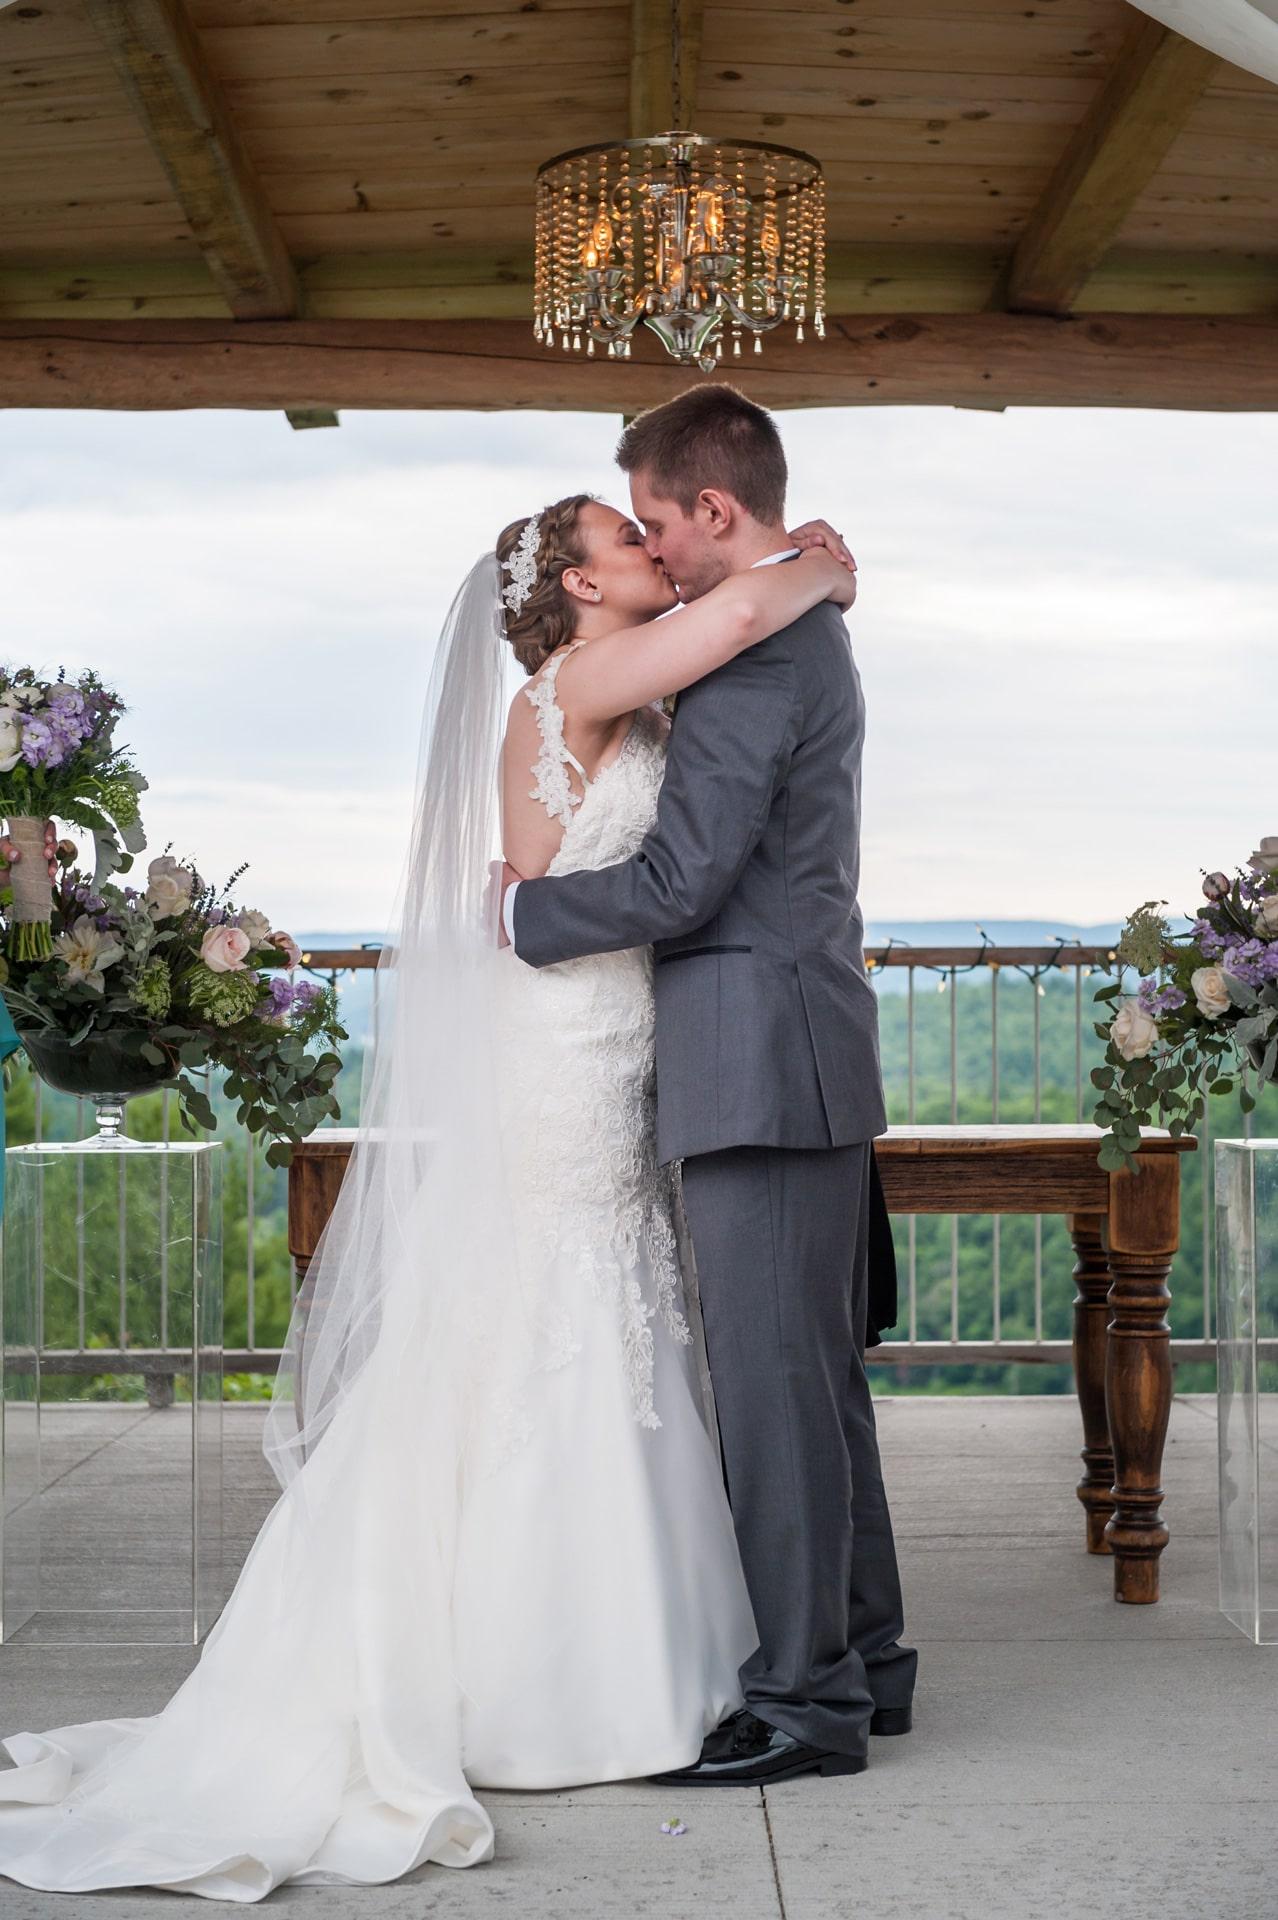 Kelly-&-Scott's-Wedding-Day-100